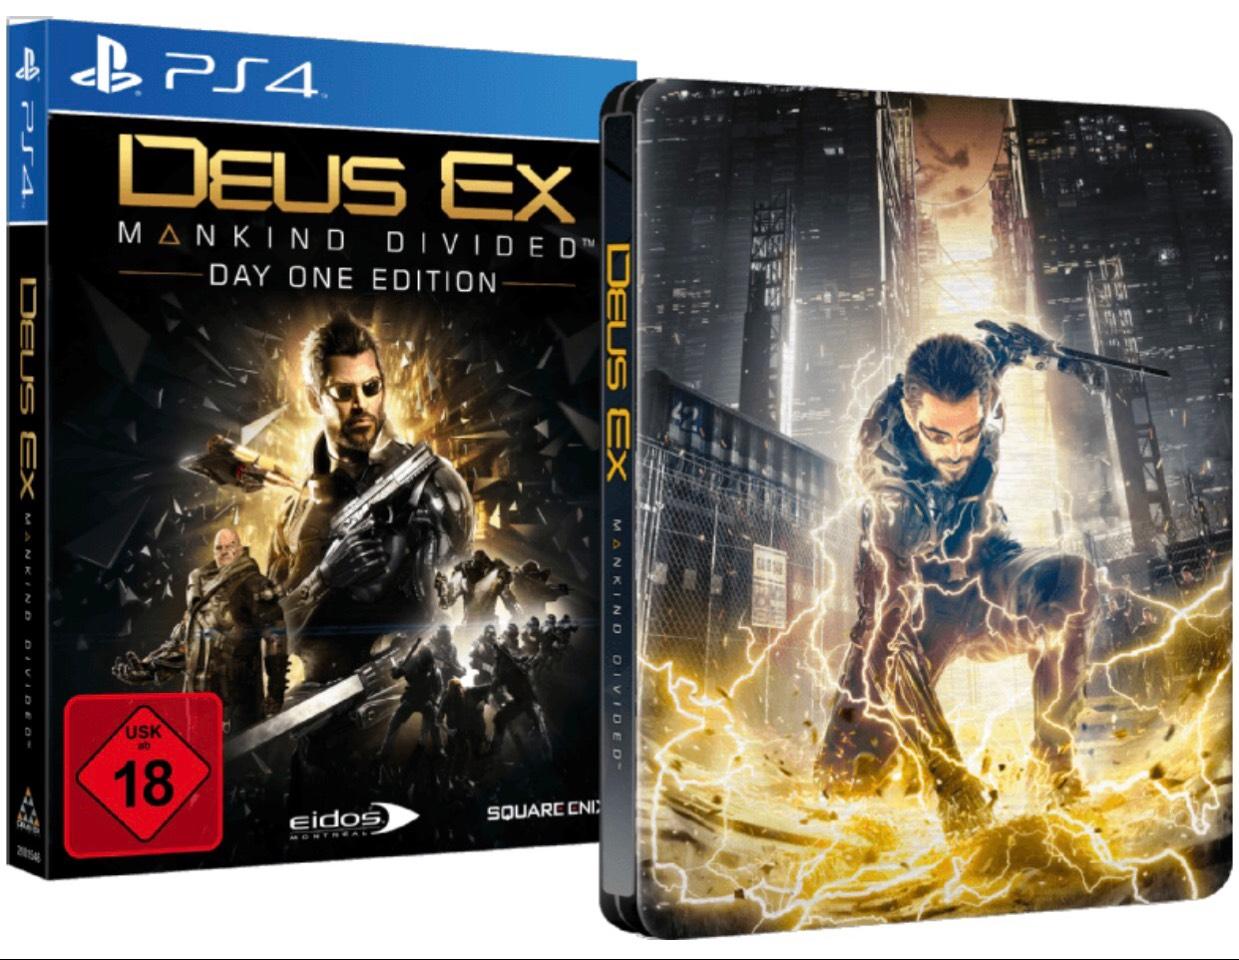 Deus Ex - Mankind Divided (Day One Edition inkl. Steelbook) [PlayStation 4] [Mediamarkt]